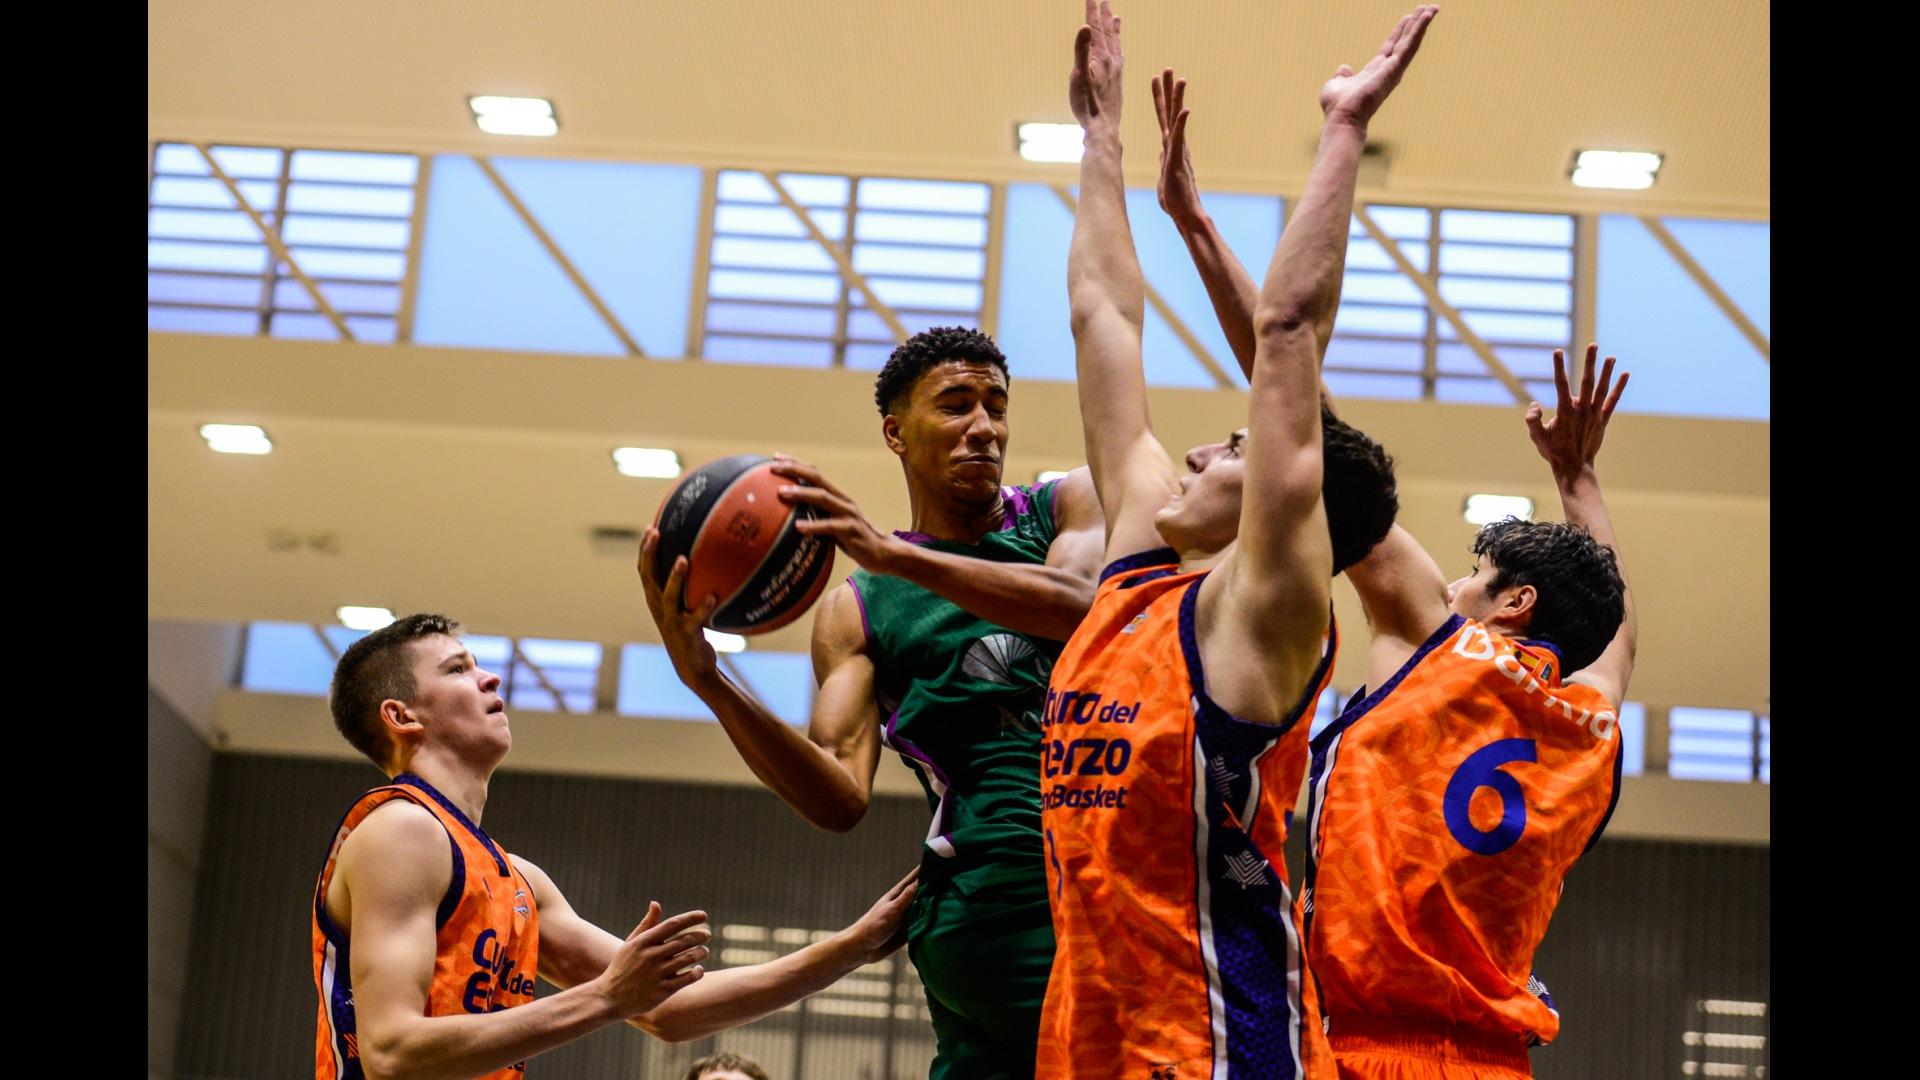 atención Abreviatura Oh querido  Valencia Basket cae en su debut en el Euroleague Basketball Adidas NGT